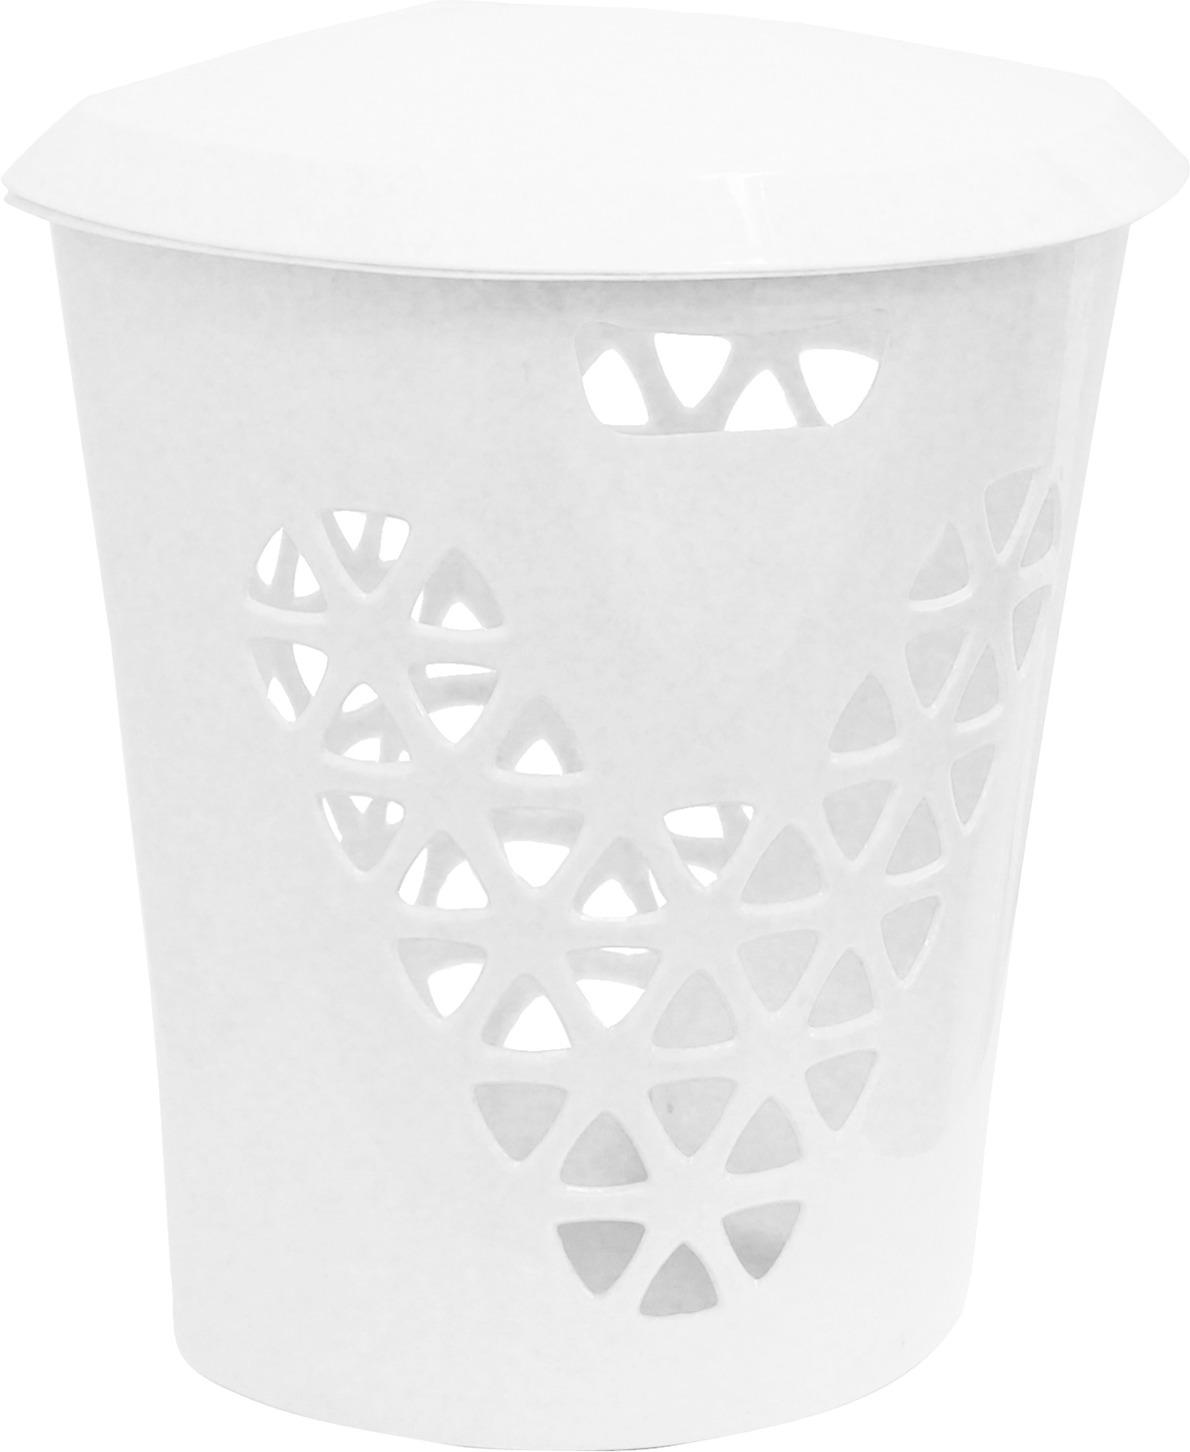 Корзина для белья Idea Венеция, угловая, цвет: белый, 50 л корзина для белья idea венеция узкая цвет белый